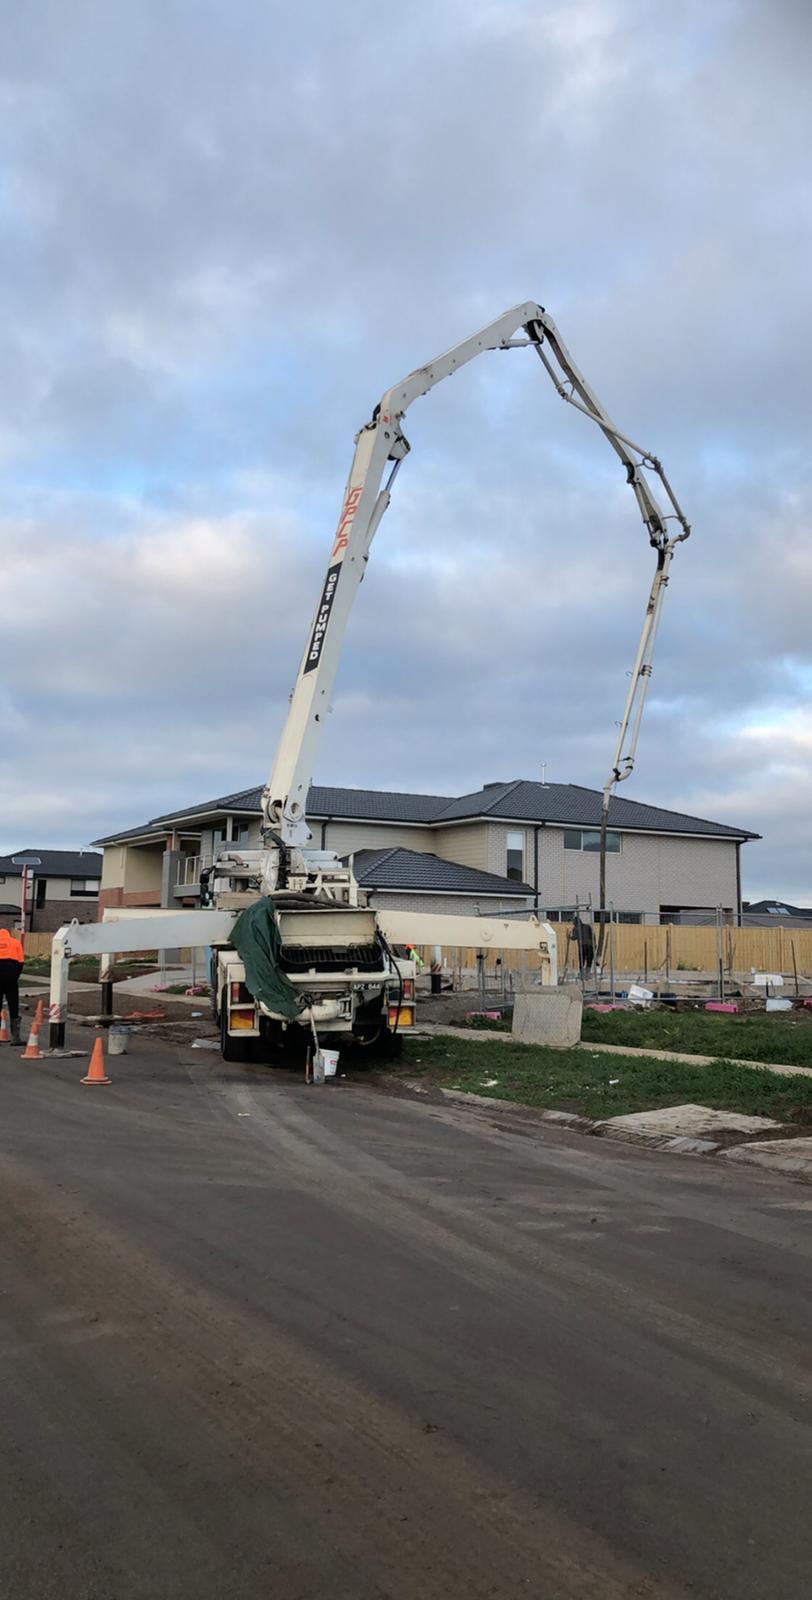 Get-Pumped-Concrete-Pumping-Night-concrete-slab-smoothing-Concrete-Boom-Pump-Hire-Melbourne